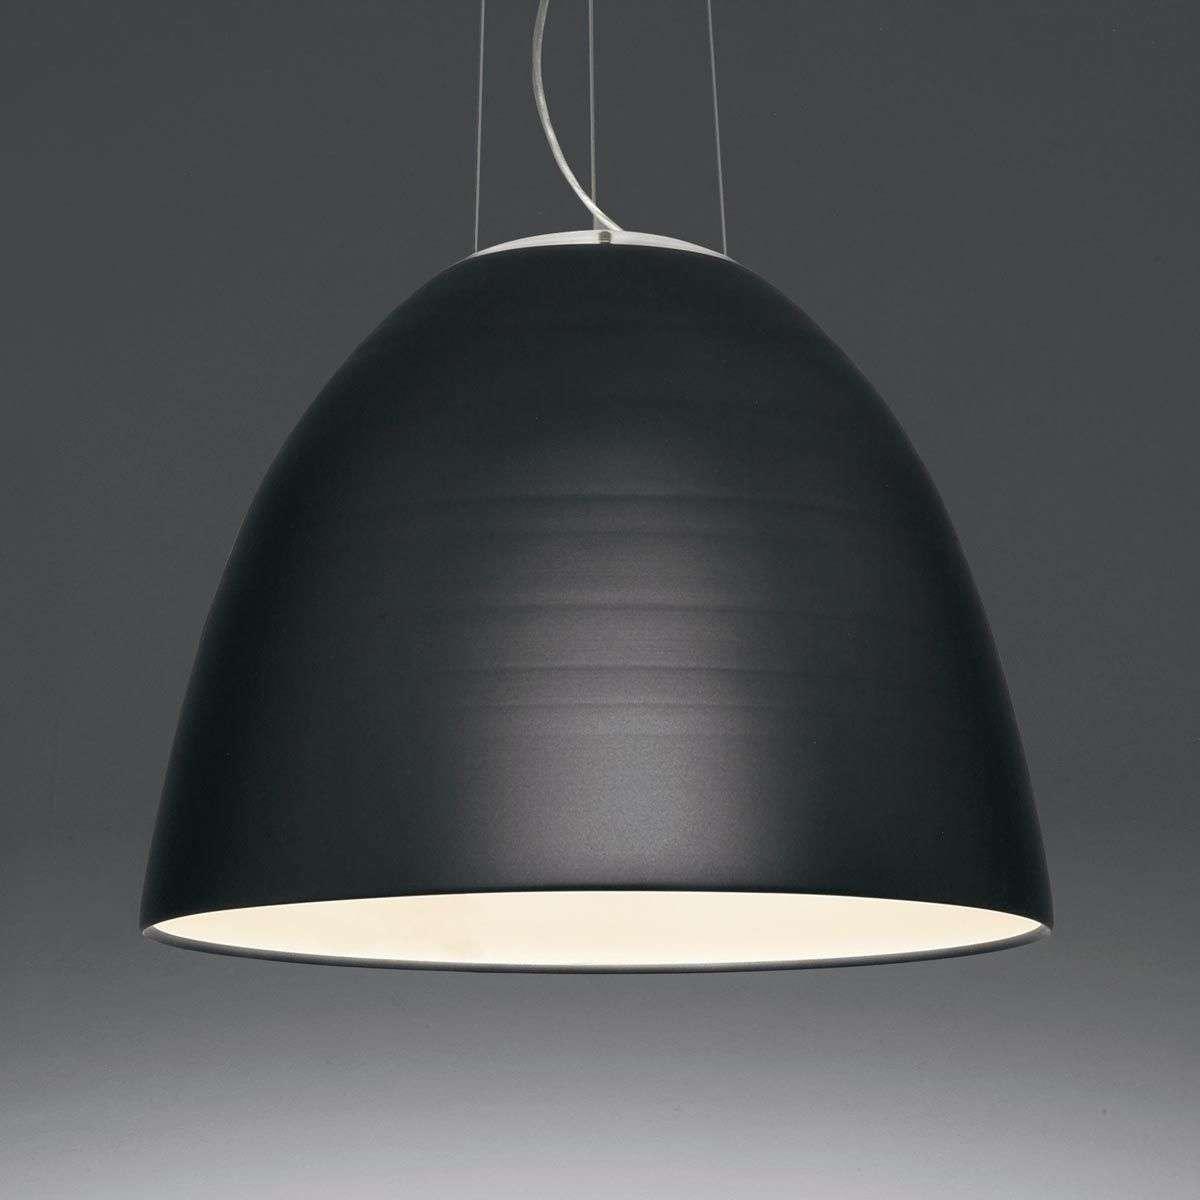 Nur stylish designer hanging light lights aloadofball Images